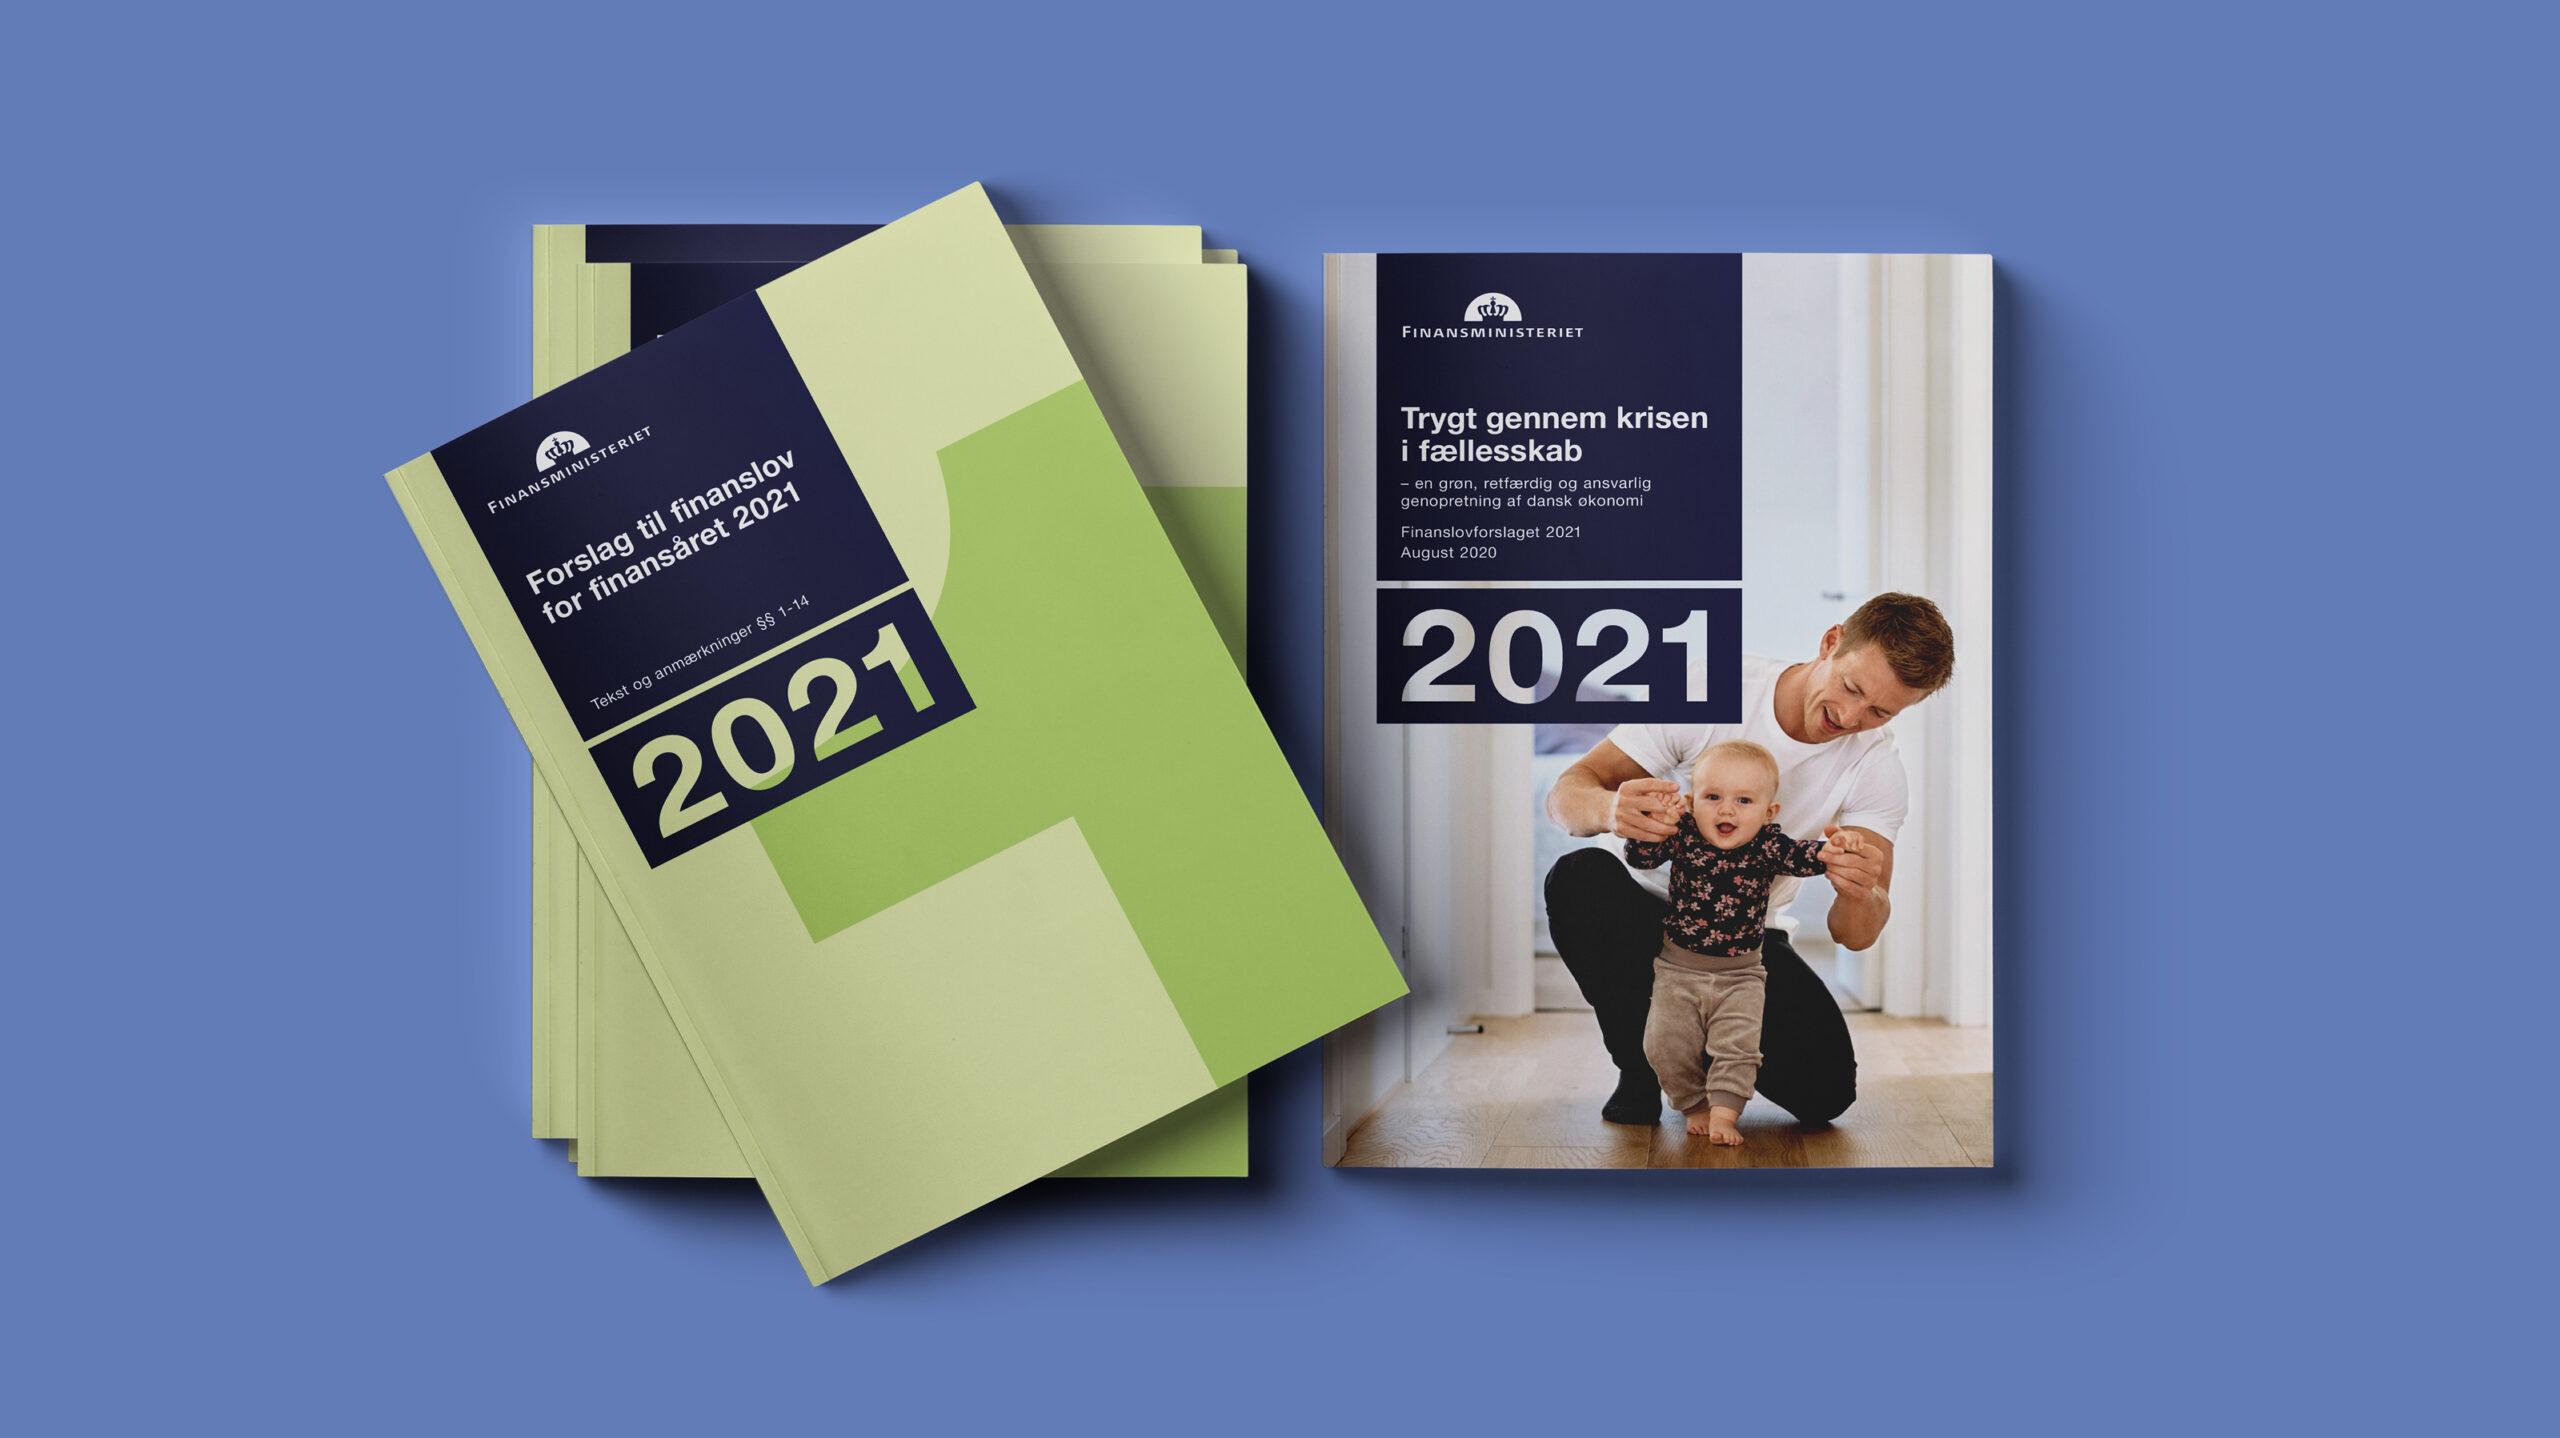 Finansministeriet_Finanslov_2020_2_og_stor